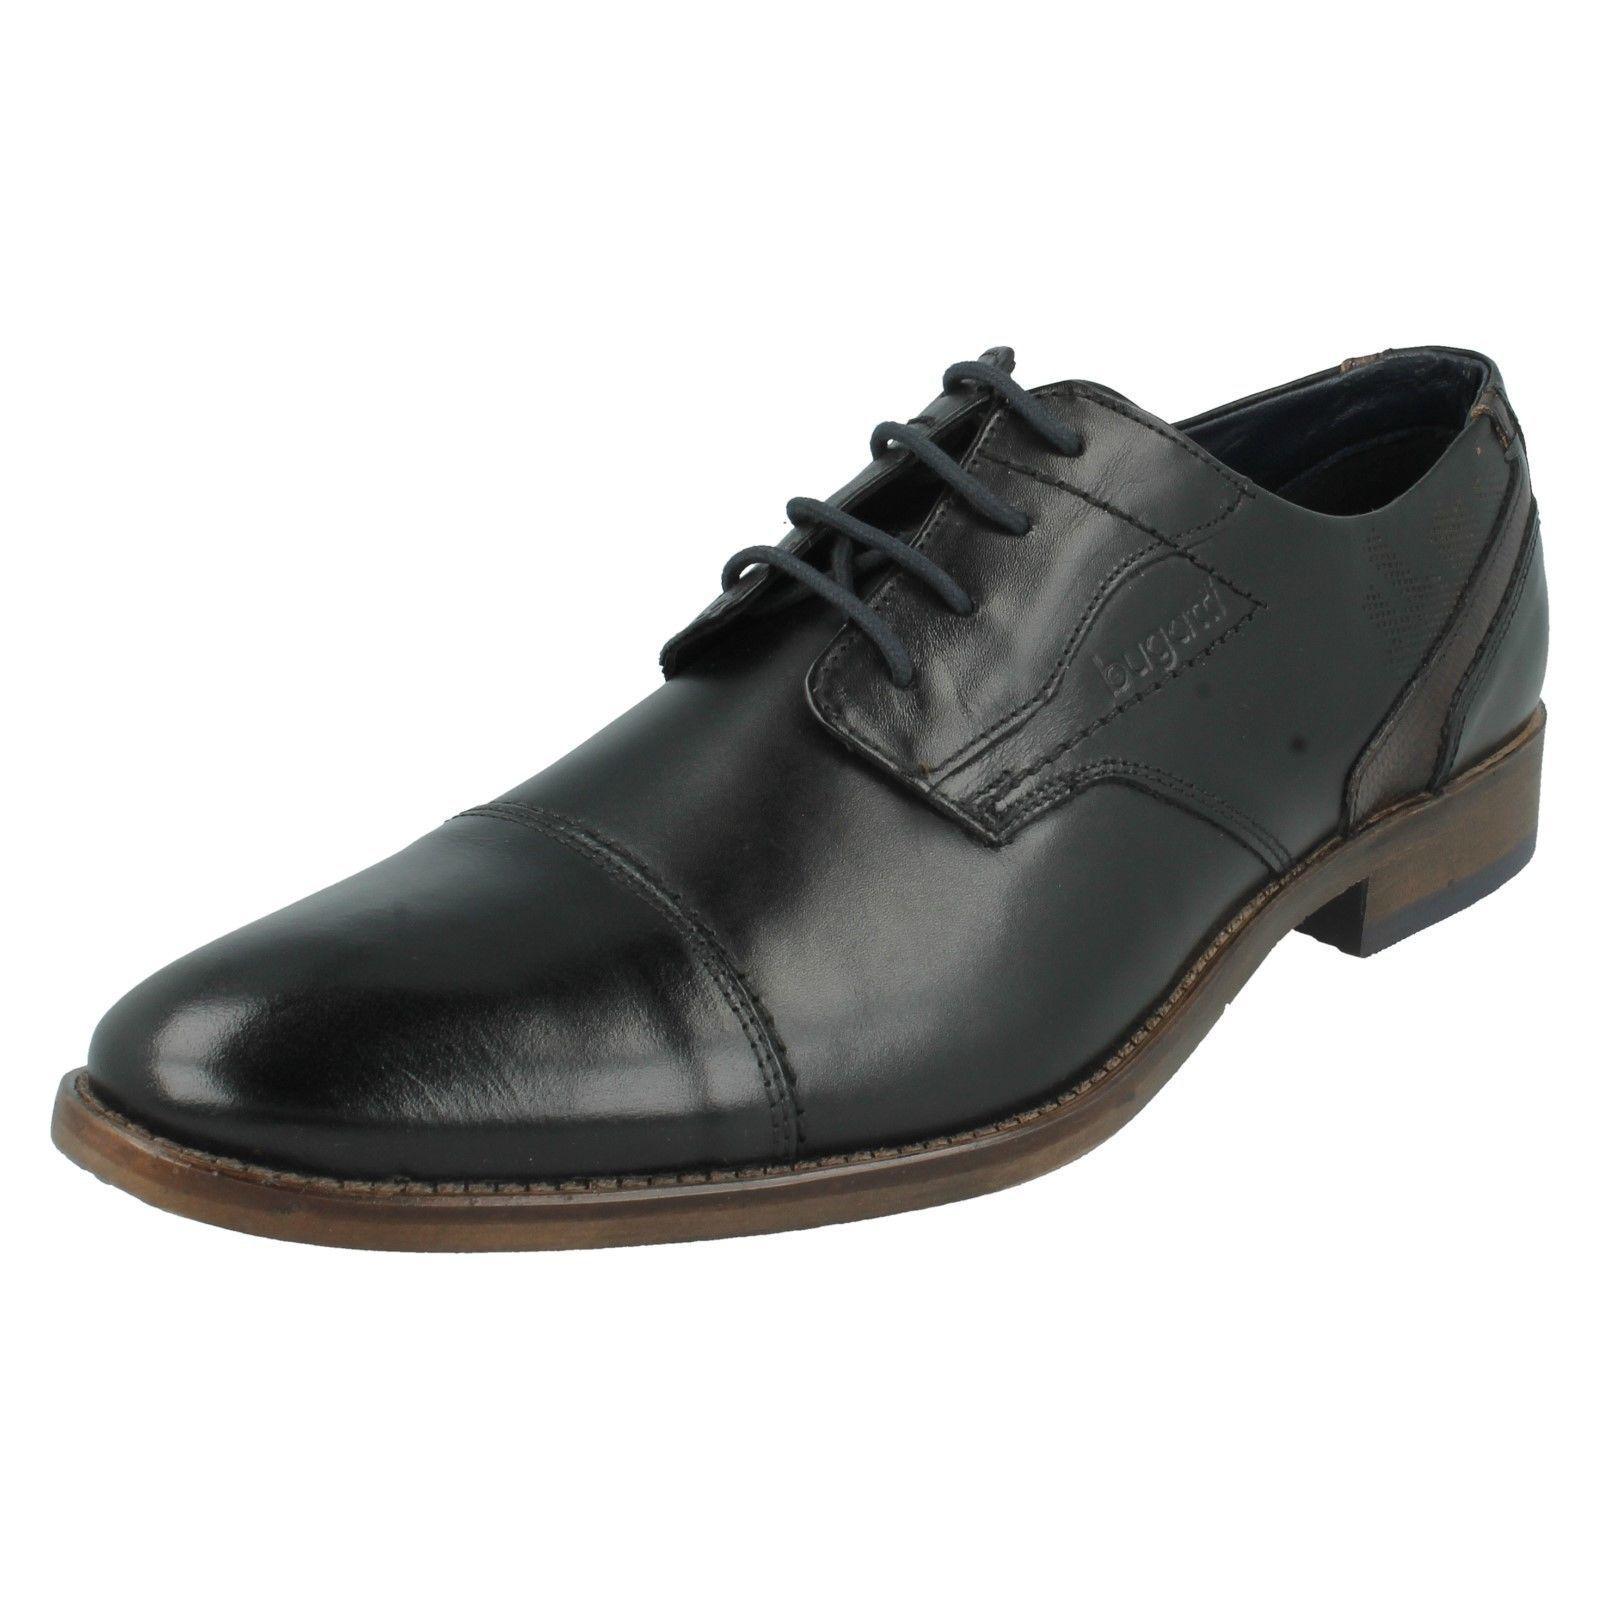 Herren Bugatti schwarz Leder Formelle Schuhe UK Größen 7-11 312-16401    | Attraktiv Und Langlebig